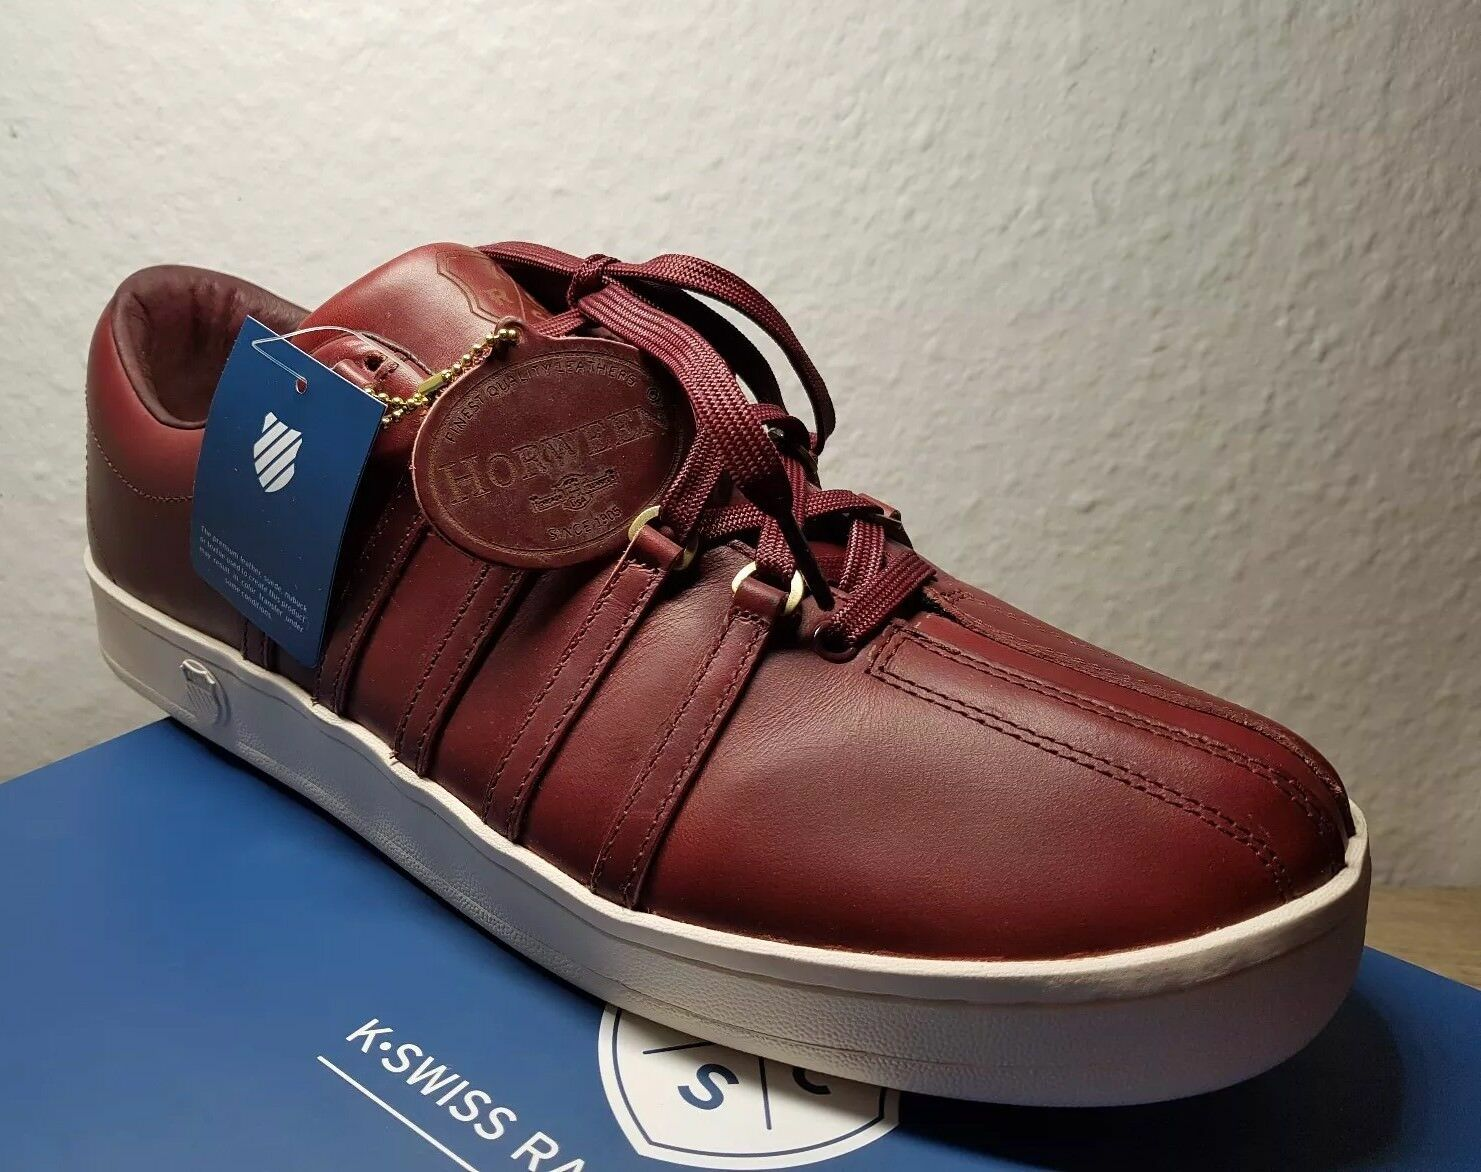 k.swiss classic 88 Horween blood red Herren Sneaker- 46